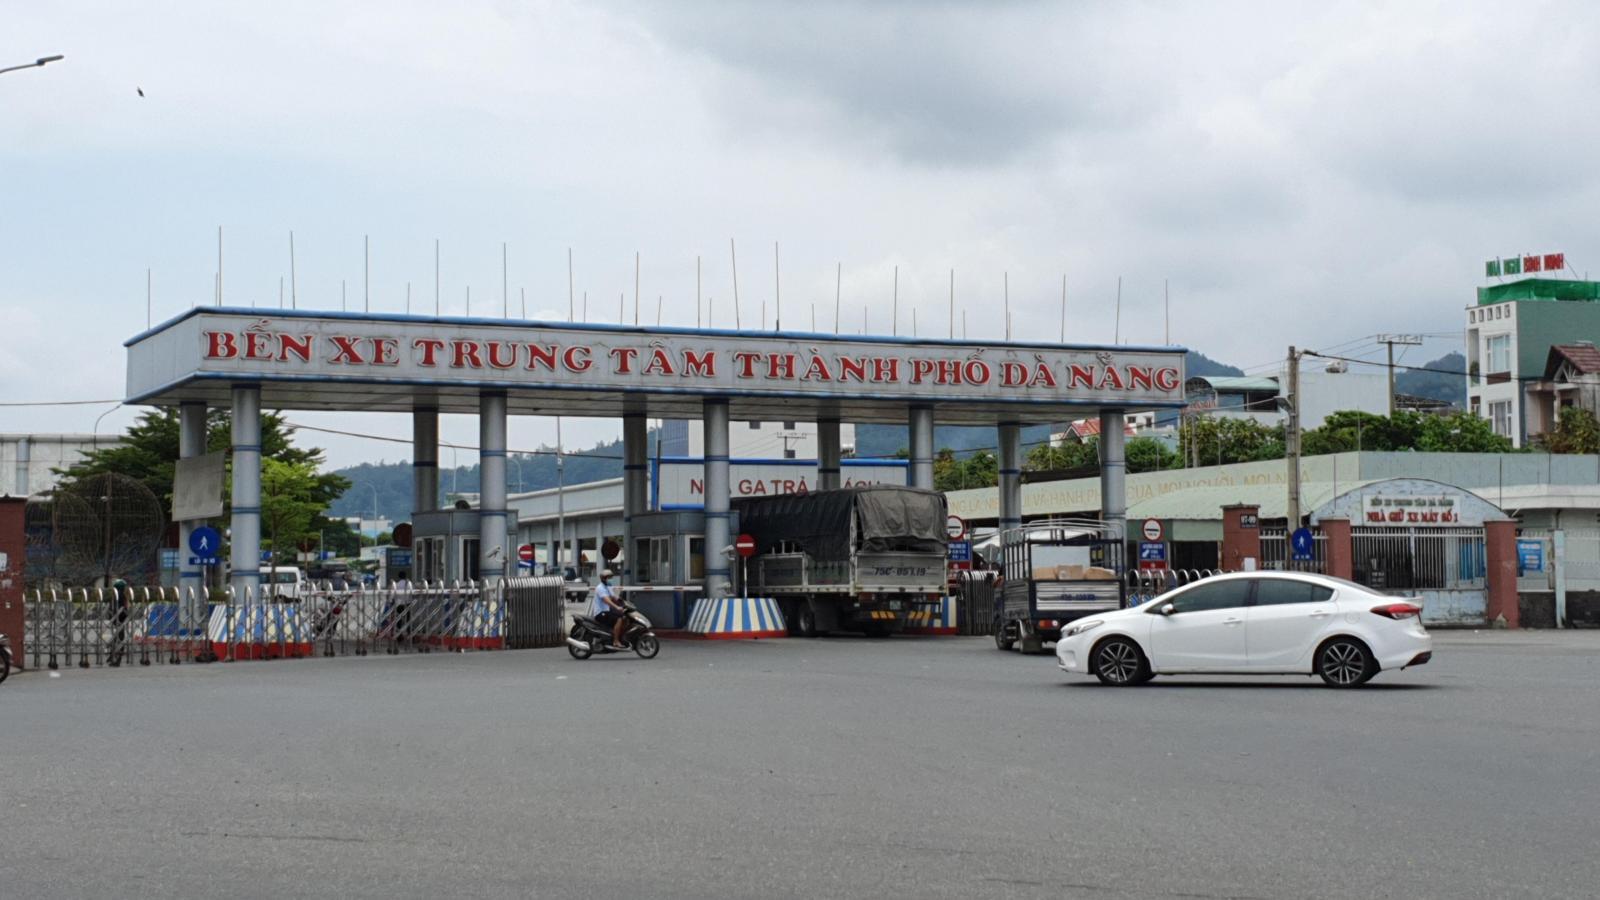 Bến xe Thành phố Đà Nẵng